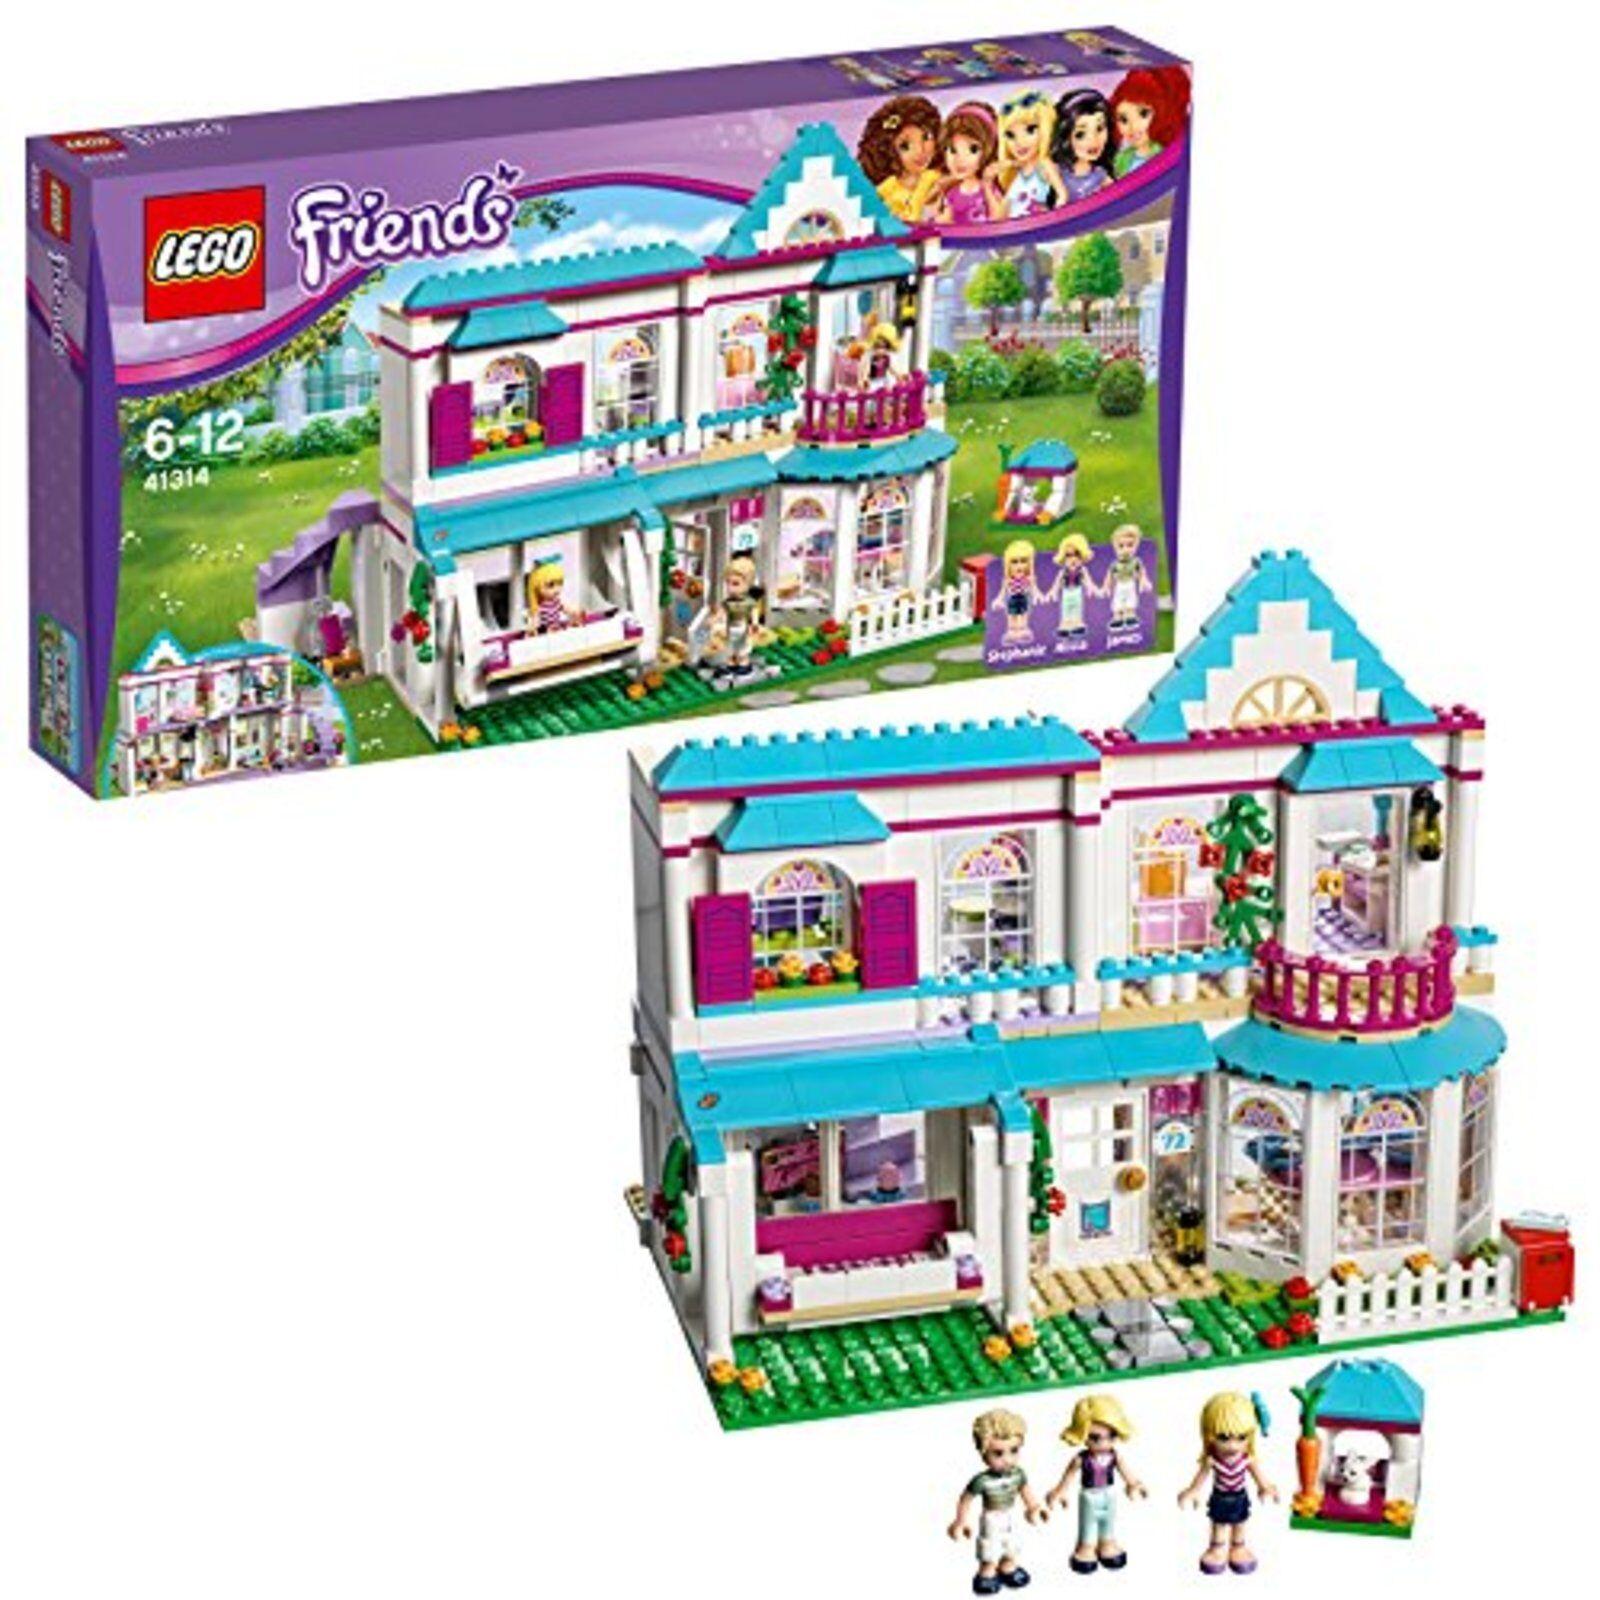 Lego amici Stefanie's modaable casa 41314 gratuito Ship w Tracre nuovo Japan